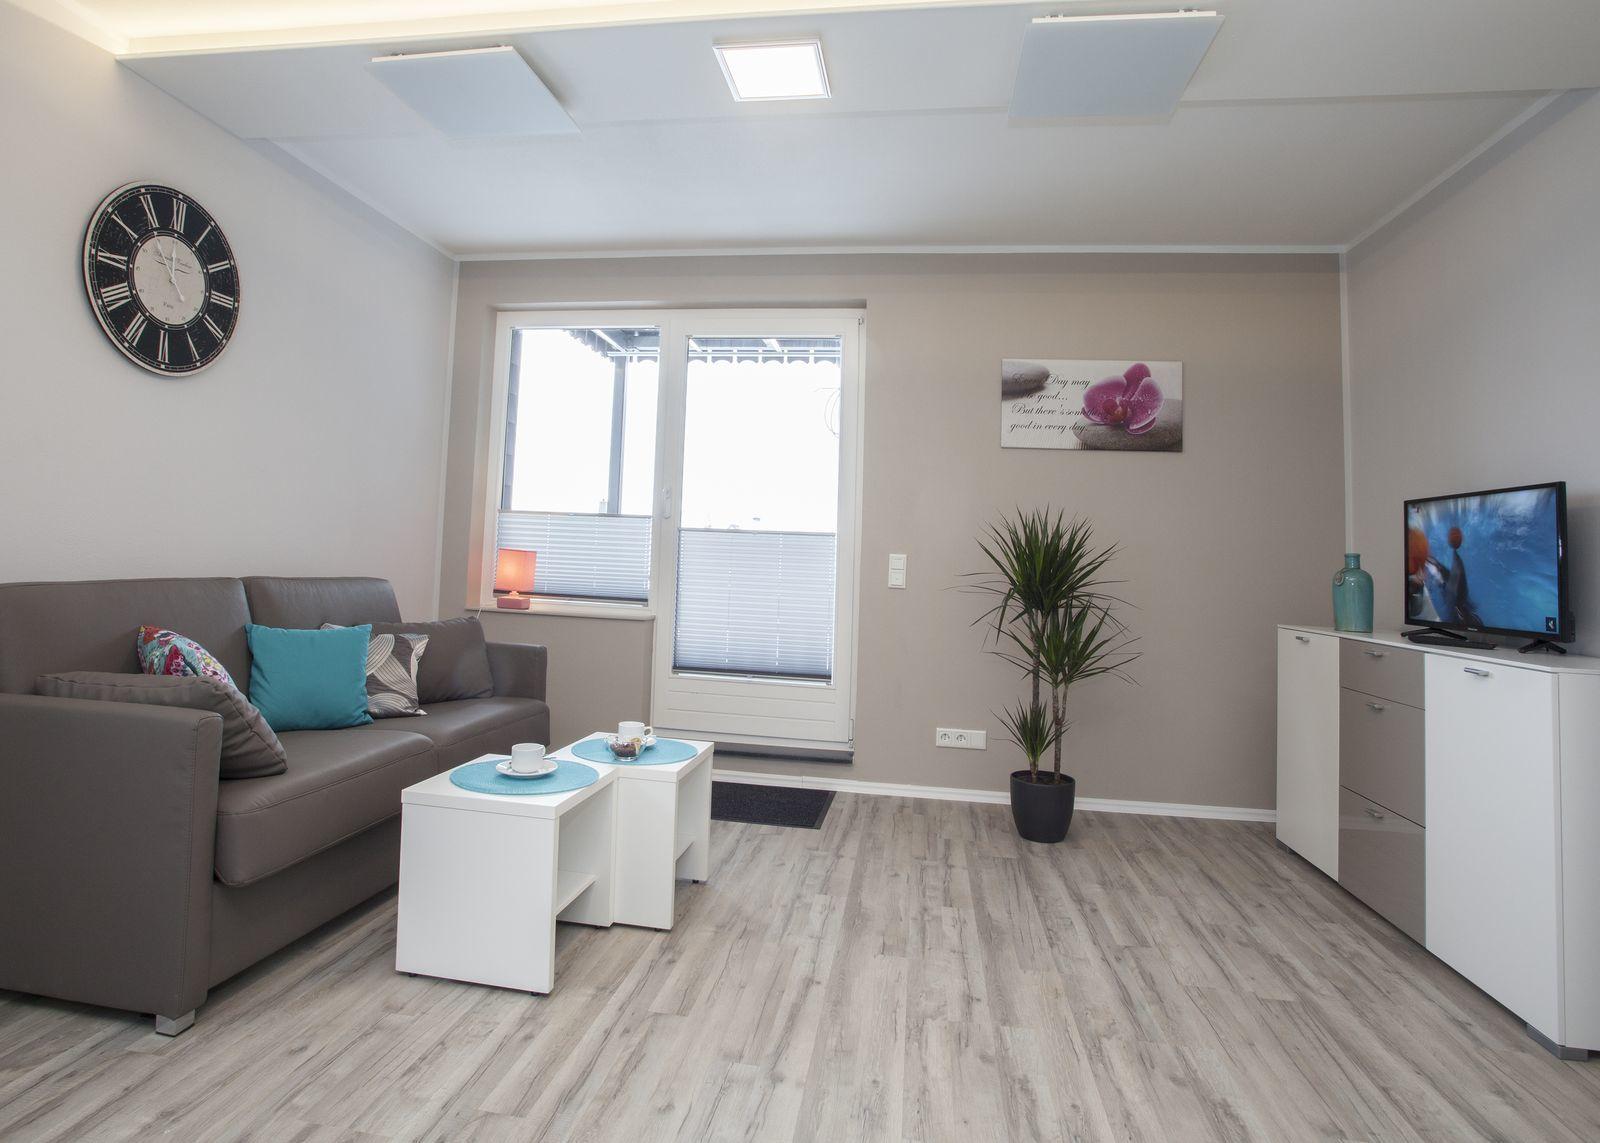 Appartement(en) - Comfort 8 Personen [2 stuks: 1 x 6-Pers. + 1 x 2-Pers.]